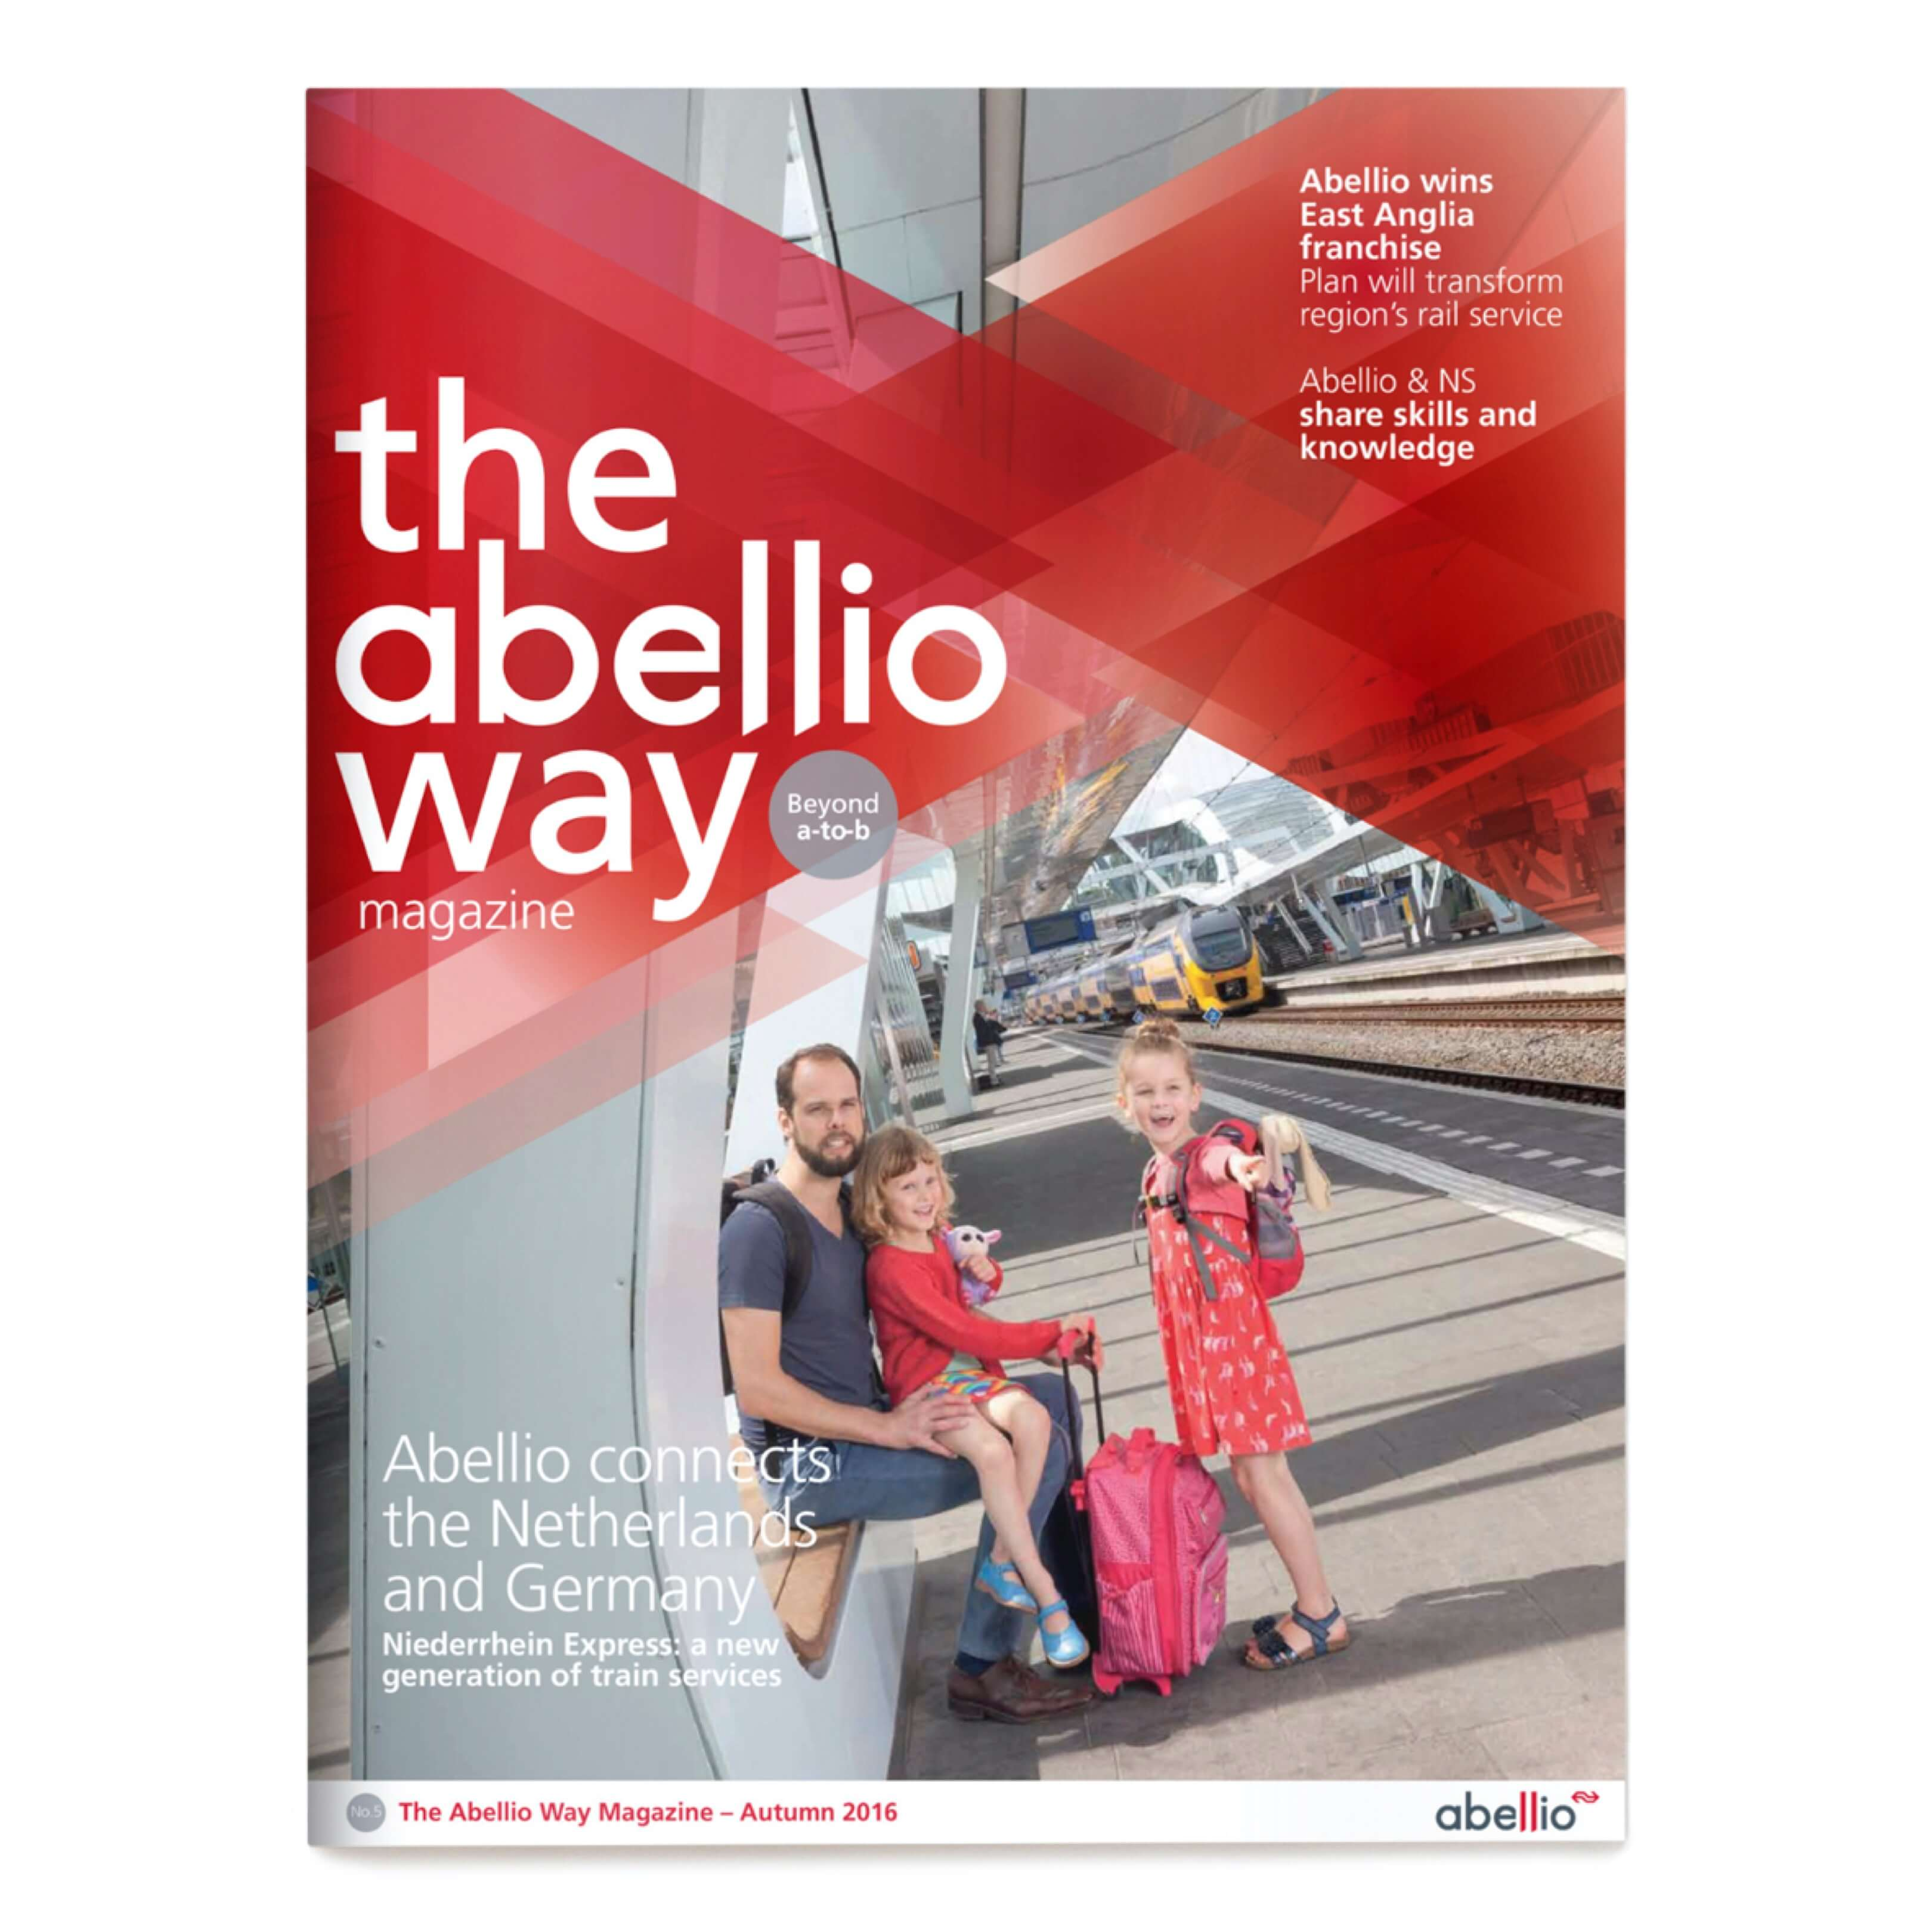 Jurjen Poeles fotografie Gloedcommunicatie gloed communicatie Abellio cover magazine the Abellio way trein spoorwegen station Arnhem Centraal gezin kind op reis